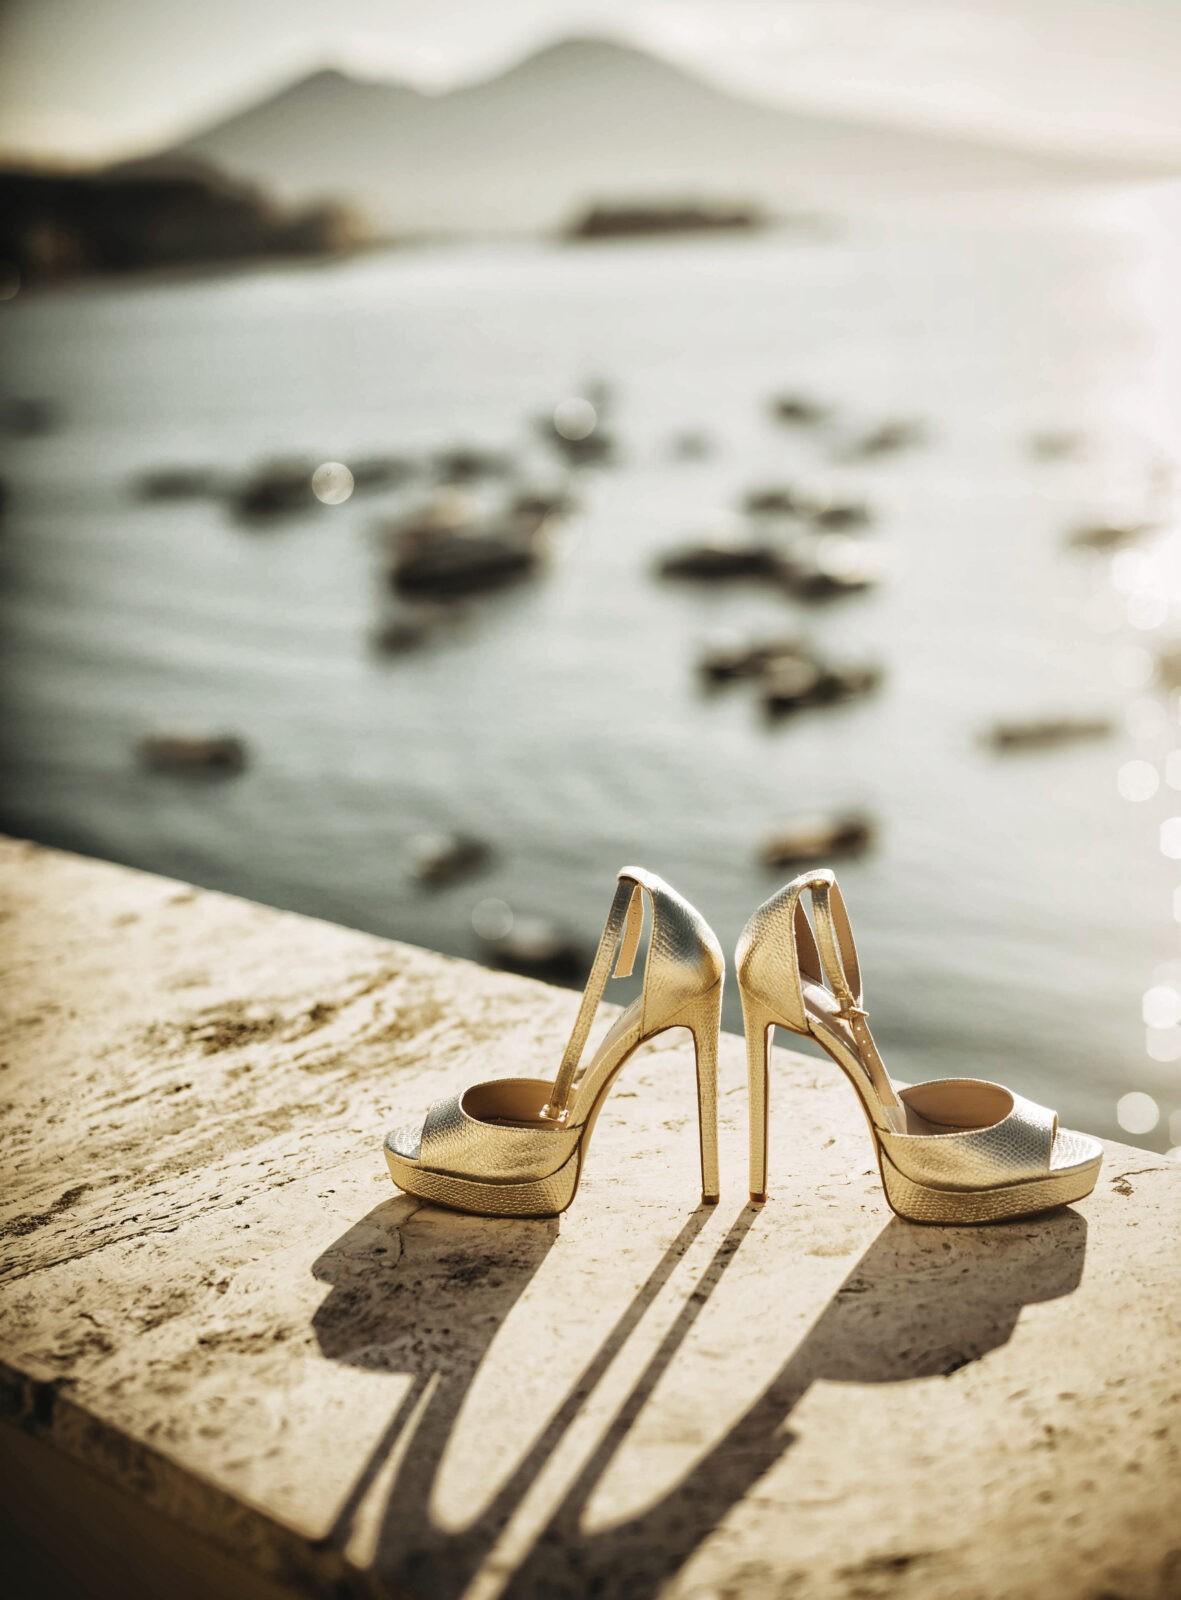 Così tante scarpe e solo due piedi: le linee guida, scarpe da sposa, genny gessato fotografo, scarpe da sposa foto genny gessato